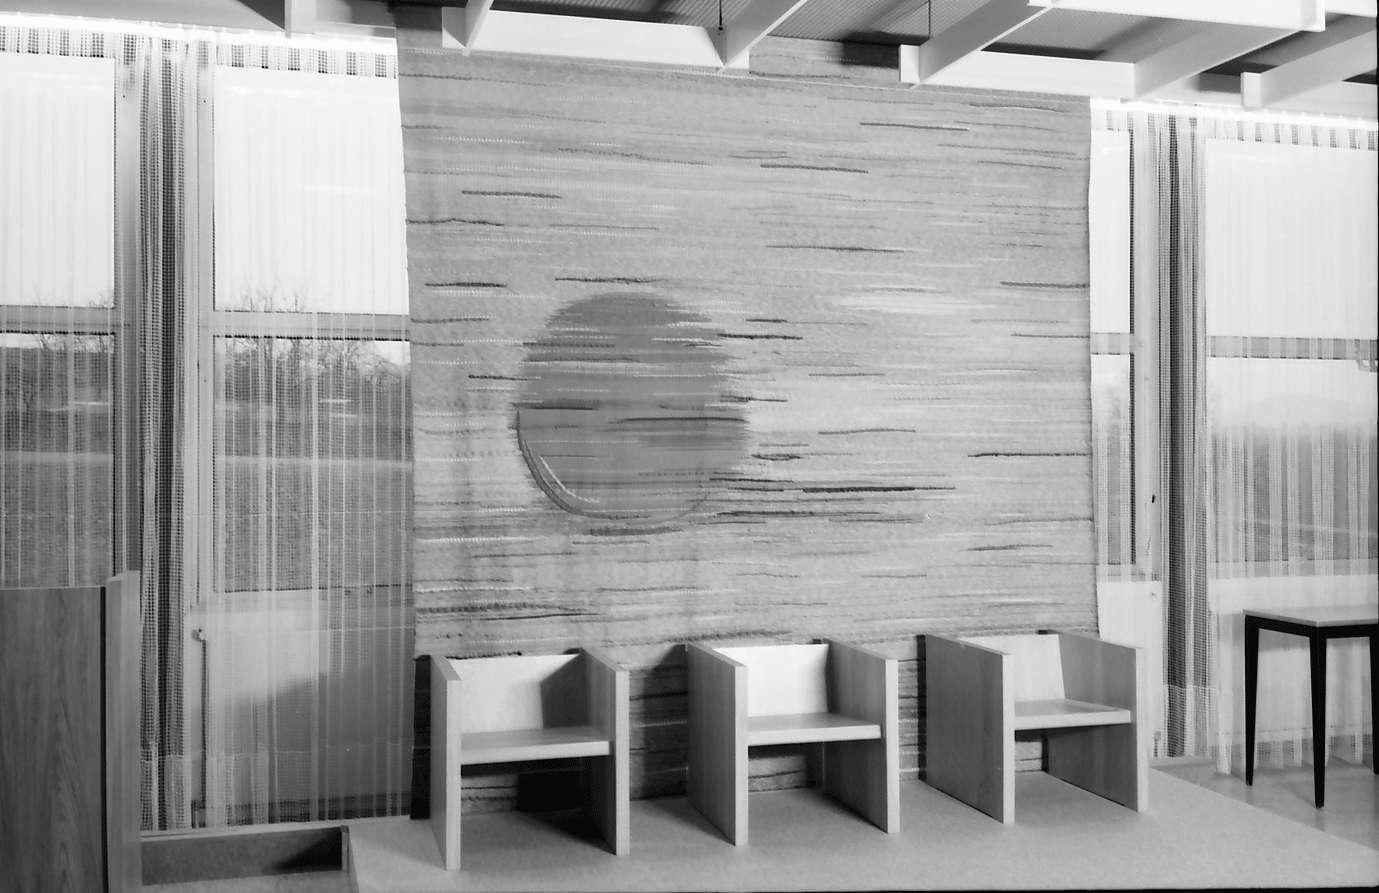 Ettenheim: Heimschule Ettenheim, Wandteppich im Saal von Gertrudis Huber, Bild 1